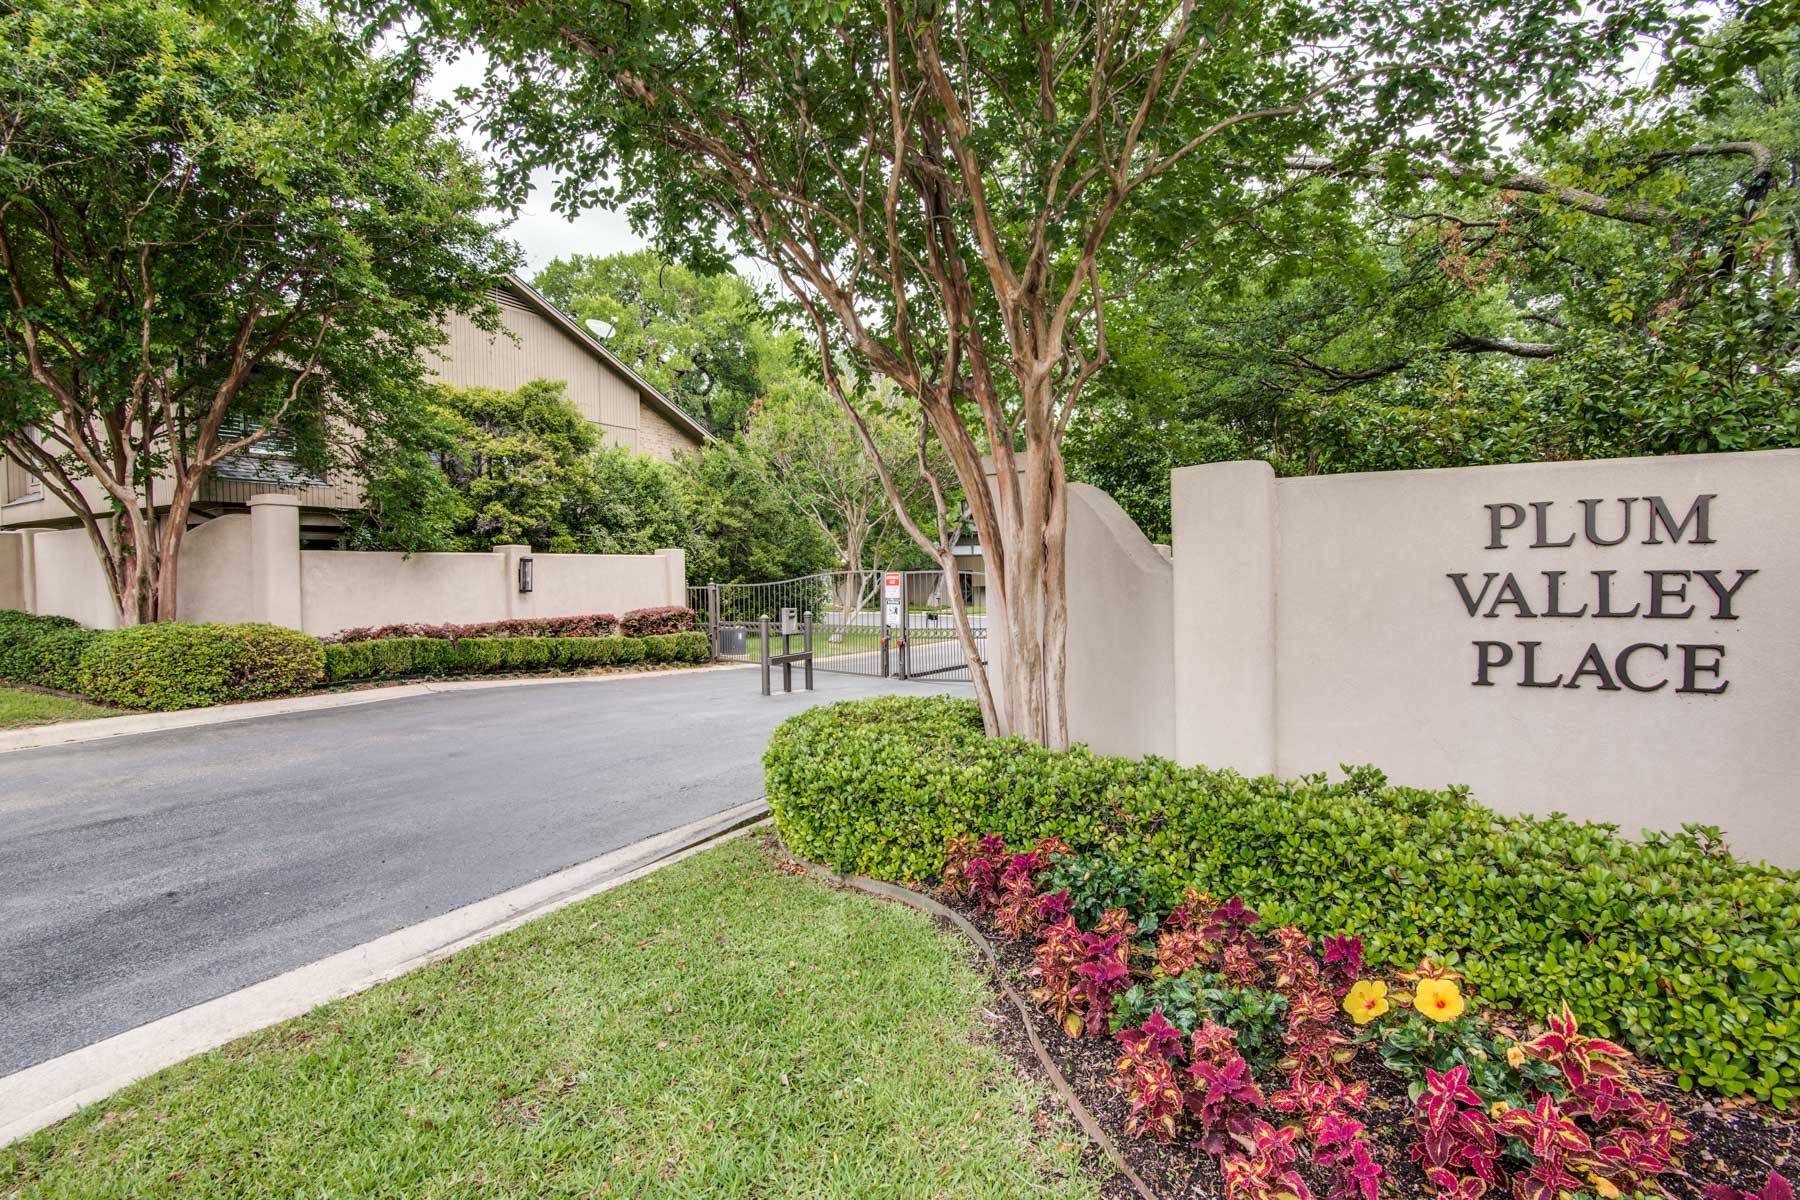 独户住宅 为 销售 在 6117 Plum Valley Pl, Fort Worth 沃斯堡市, 得克萨斯州, 76116 美国